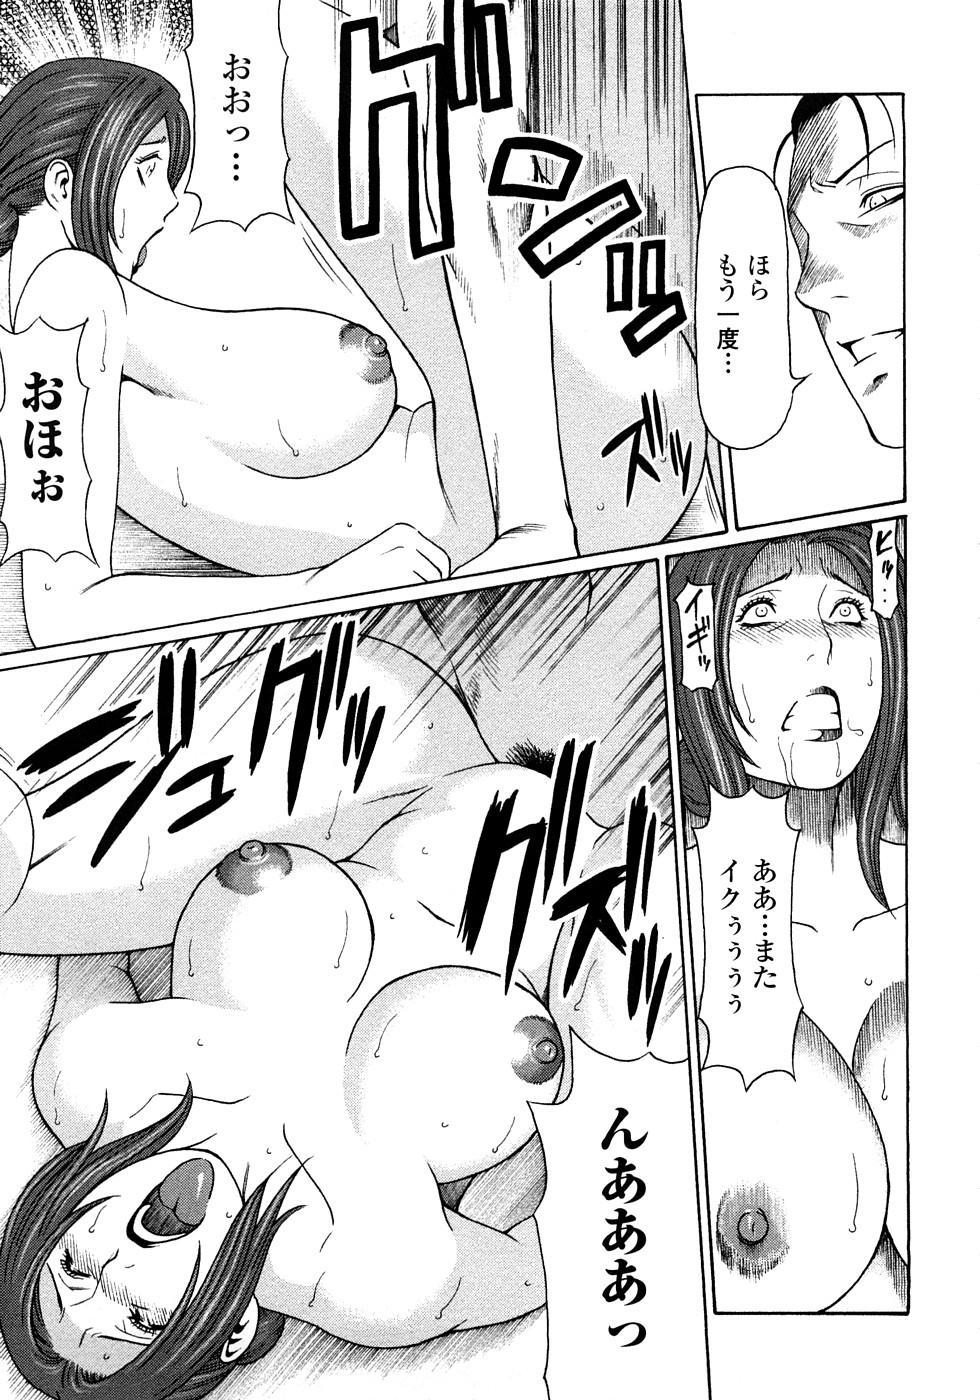 Etsuraku no Tobira - The Door of Sexual Pleasure 171